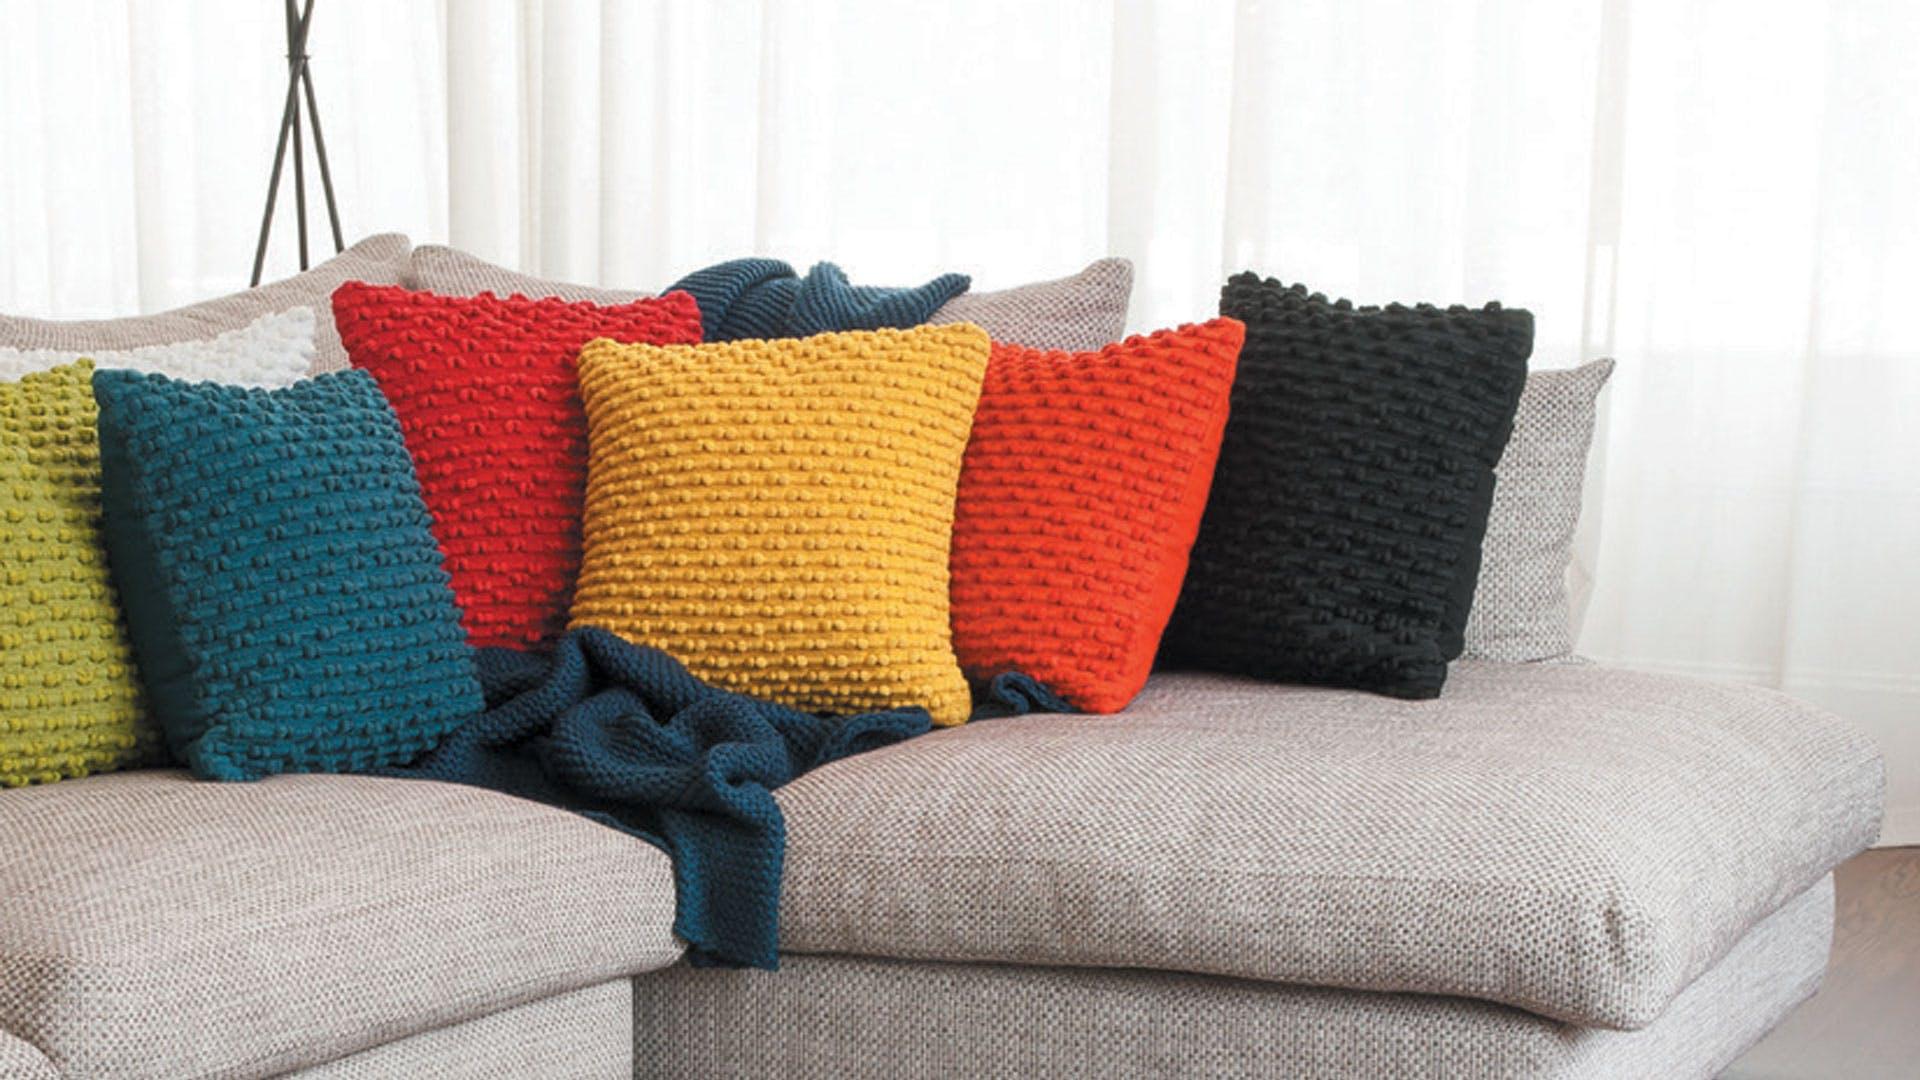 Kaikoura Feather Filled Cushion By Limon